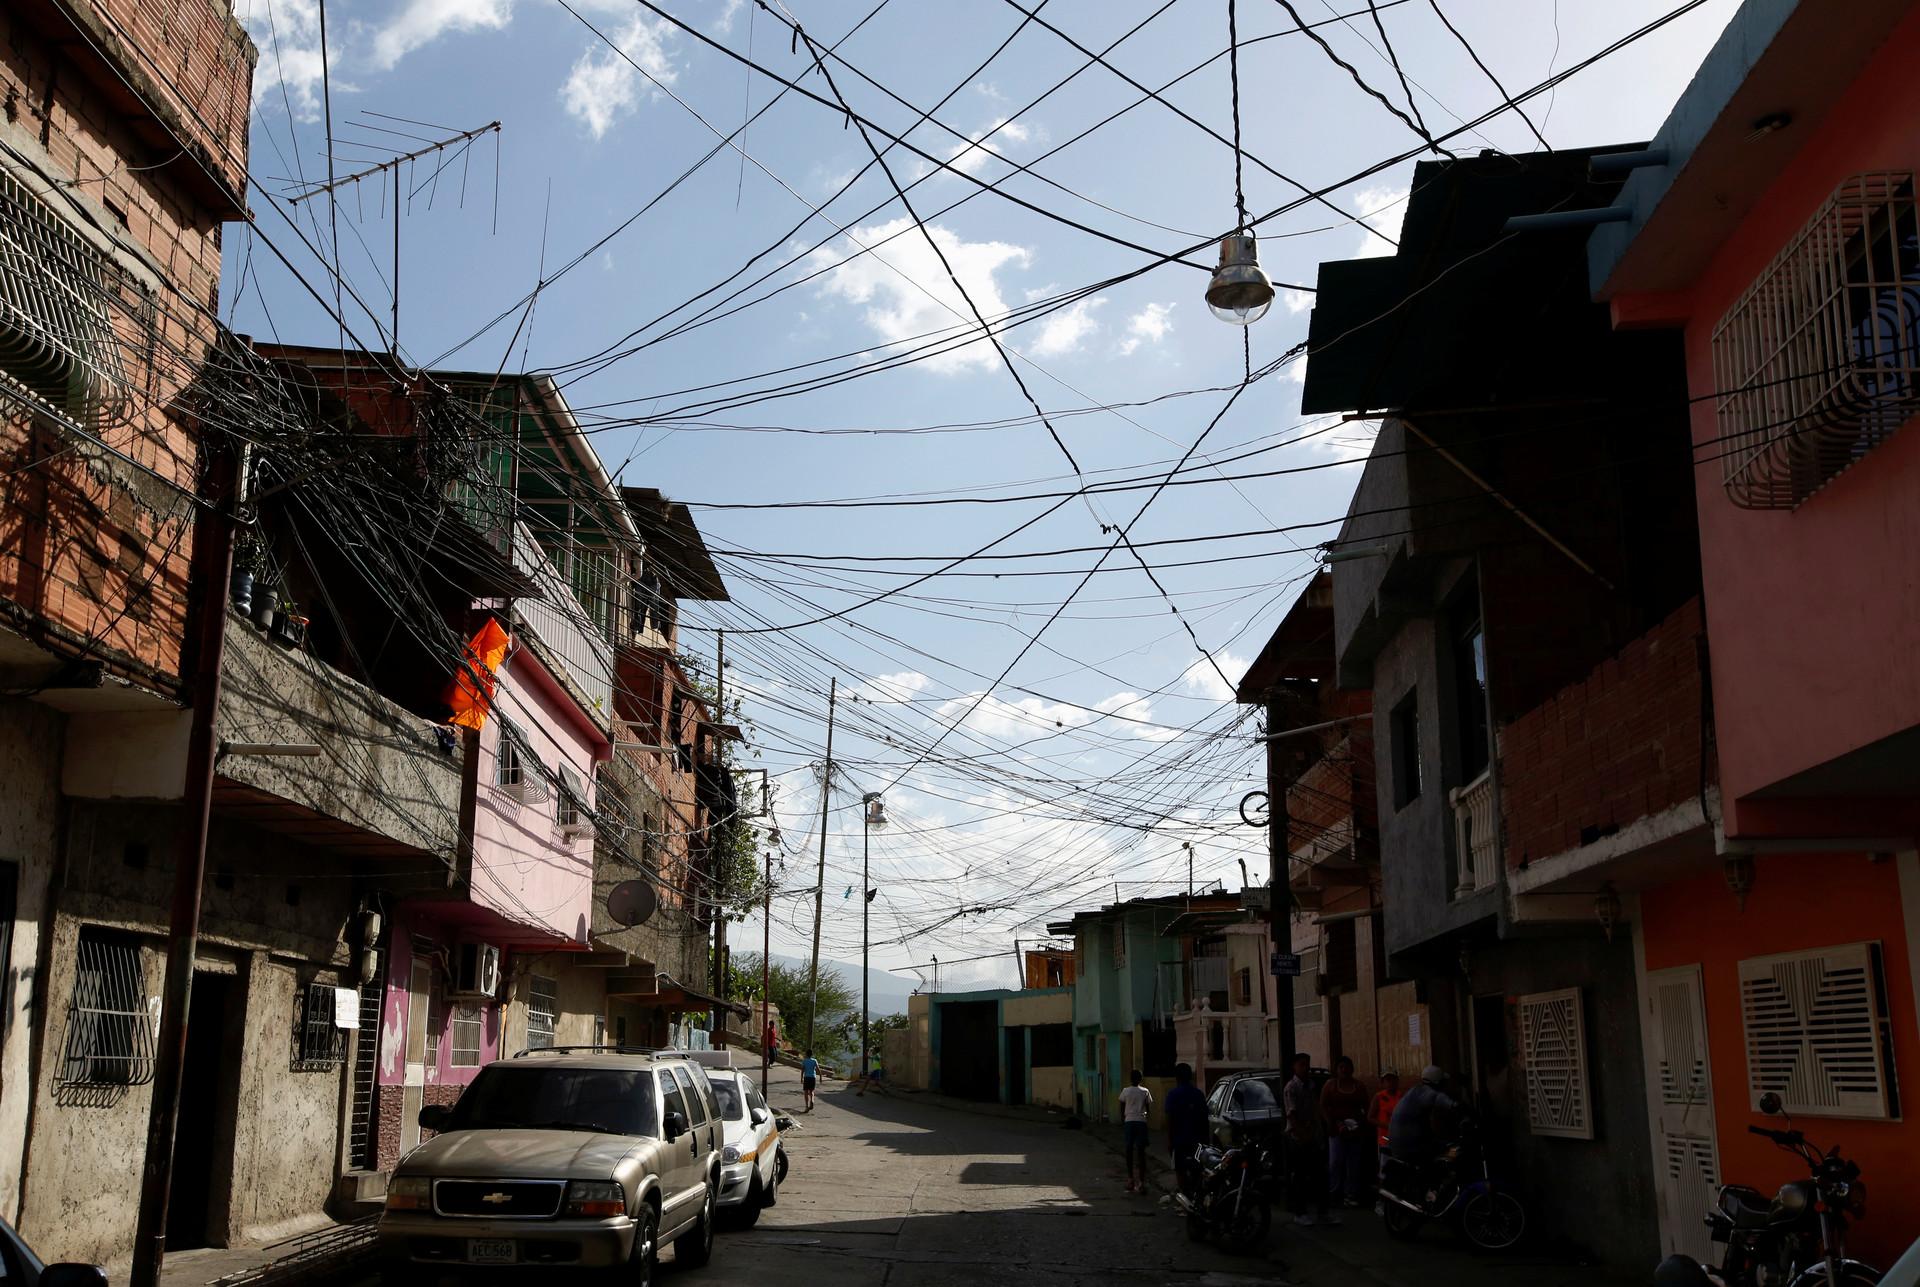 Varios cables de energía eléctrica se observan tendidos sobre las calles  del barrio caraqueño de Catia. 27 de junio de 2016